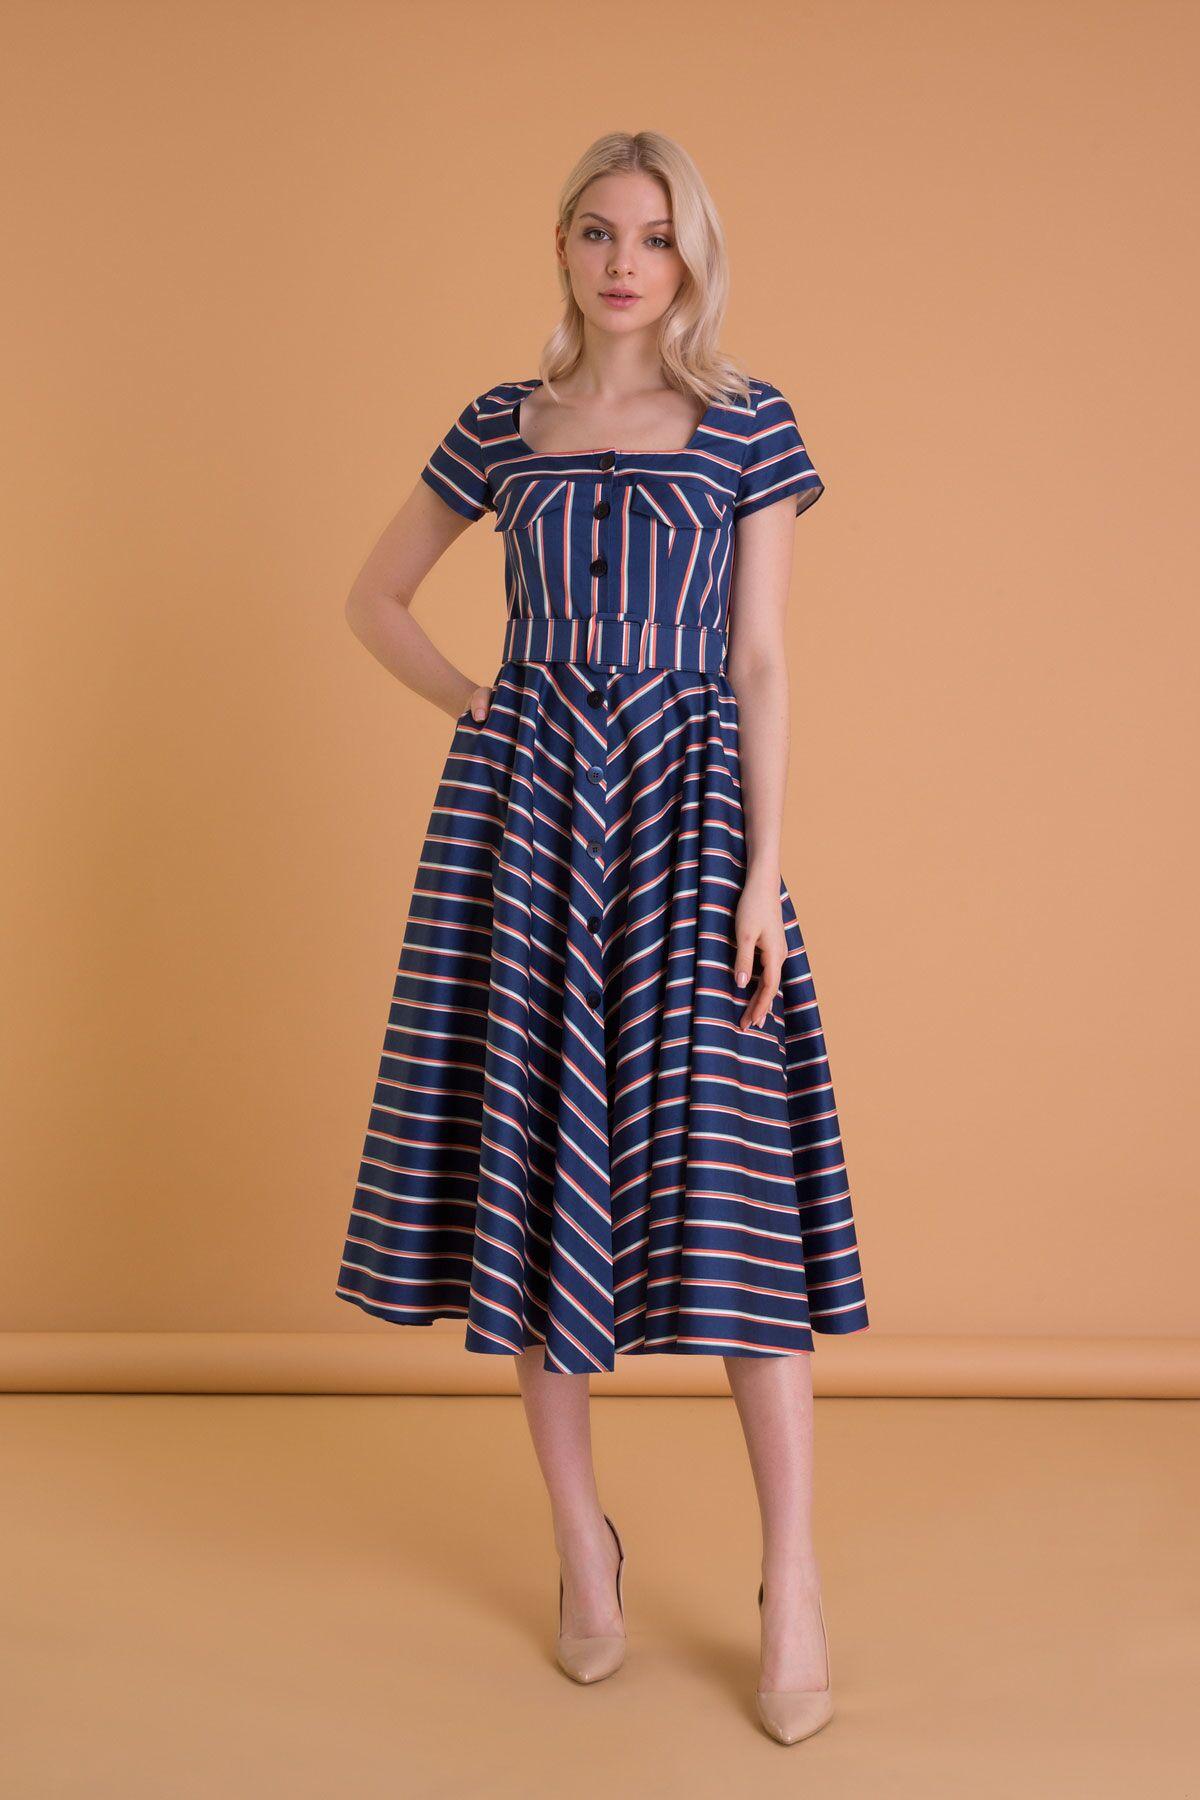 Çizgi Desenli Kare Yaka Düğmeli Lacivert Elbise